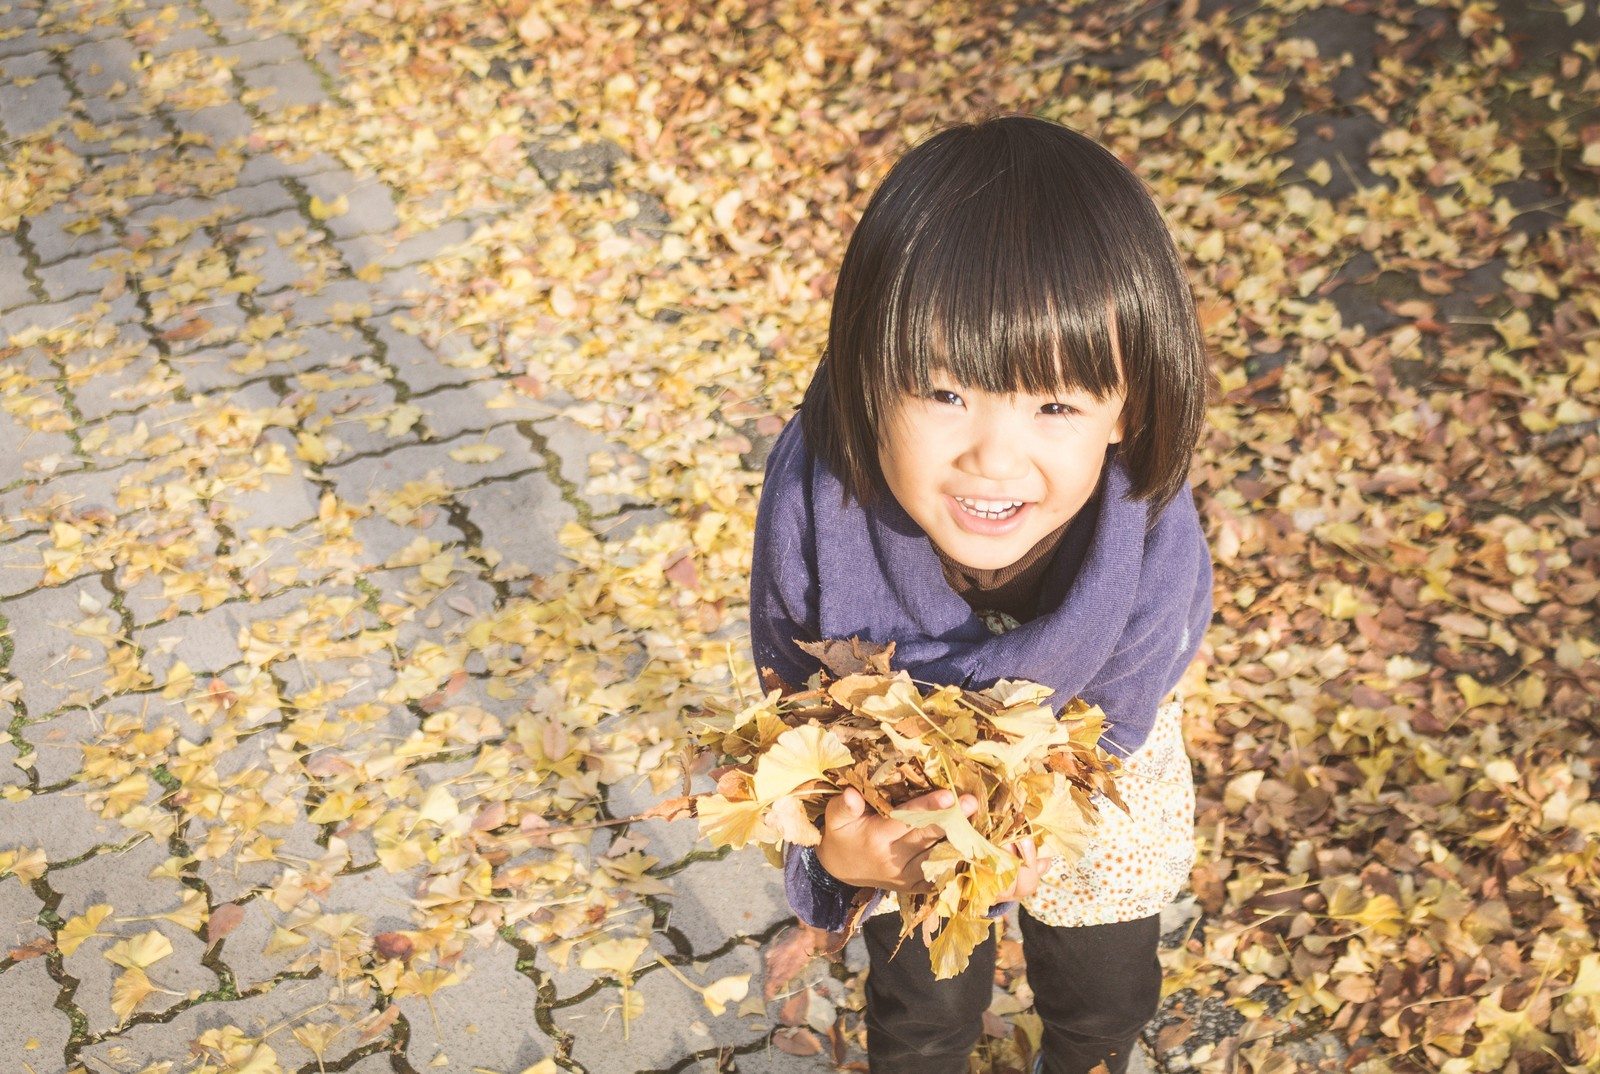 子供を第一に考えるなら離婚した方が良い事もある…片親になっても一番大事なのは「平和な自宅」です